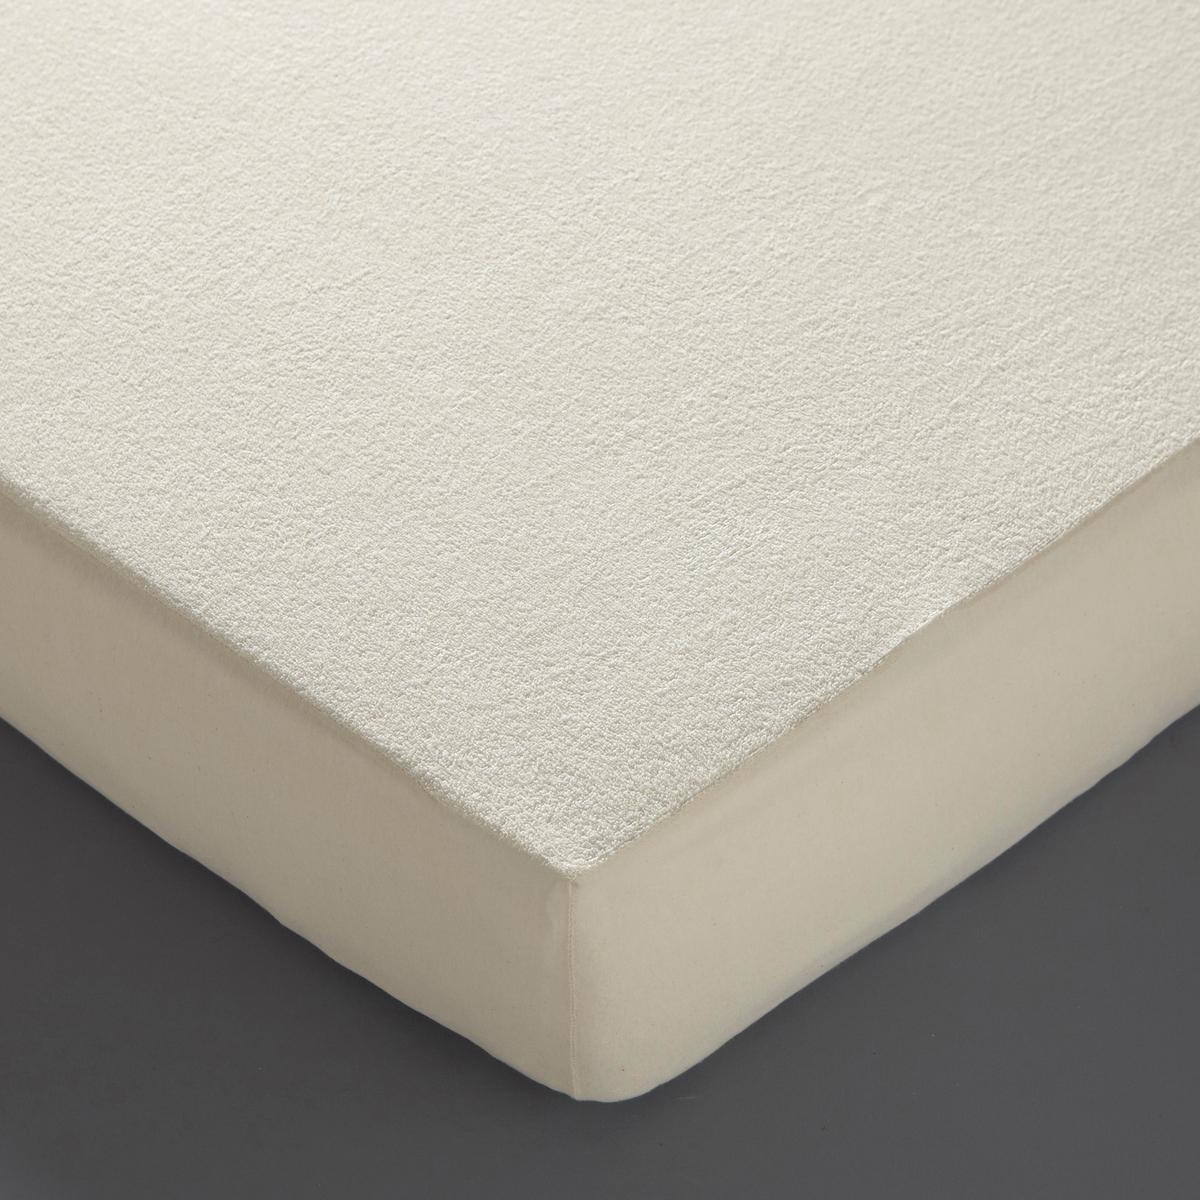 Чехол защитный для матраса из махровой ткани BioМахровая ткань из биохлопка.Характеристики :- Чехол-простыня из махровой ткани 78% хлопка, 22% полиэстера (лямки 100% хлопок) сверху- Дышащая полиуретановая пленка снизу- Клапаны: джерси 100% хлопок, очень эластичный- 80 г/м2- Высота 27 см- На резинках по всему периметру, 4 натяжных уголка.<br><br>Цвет: экрю